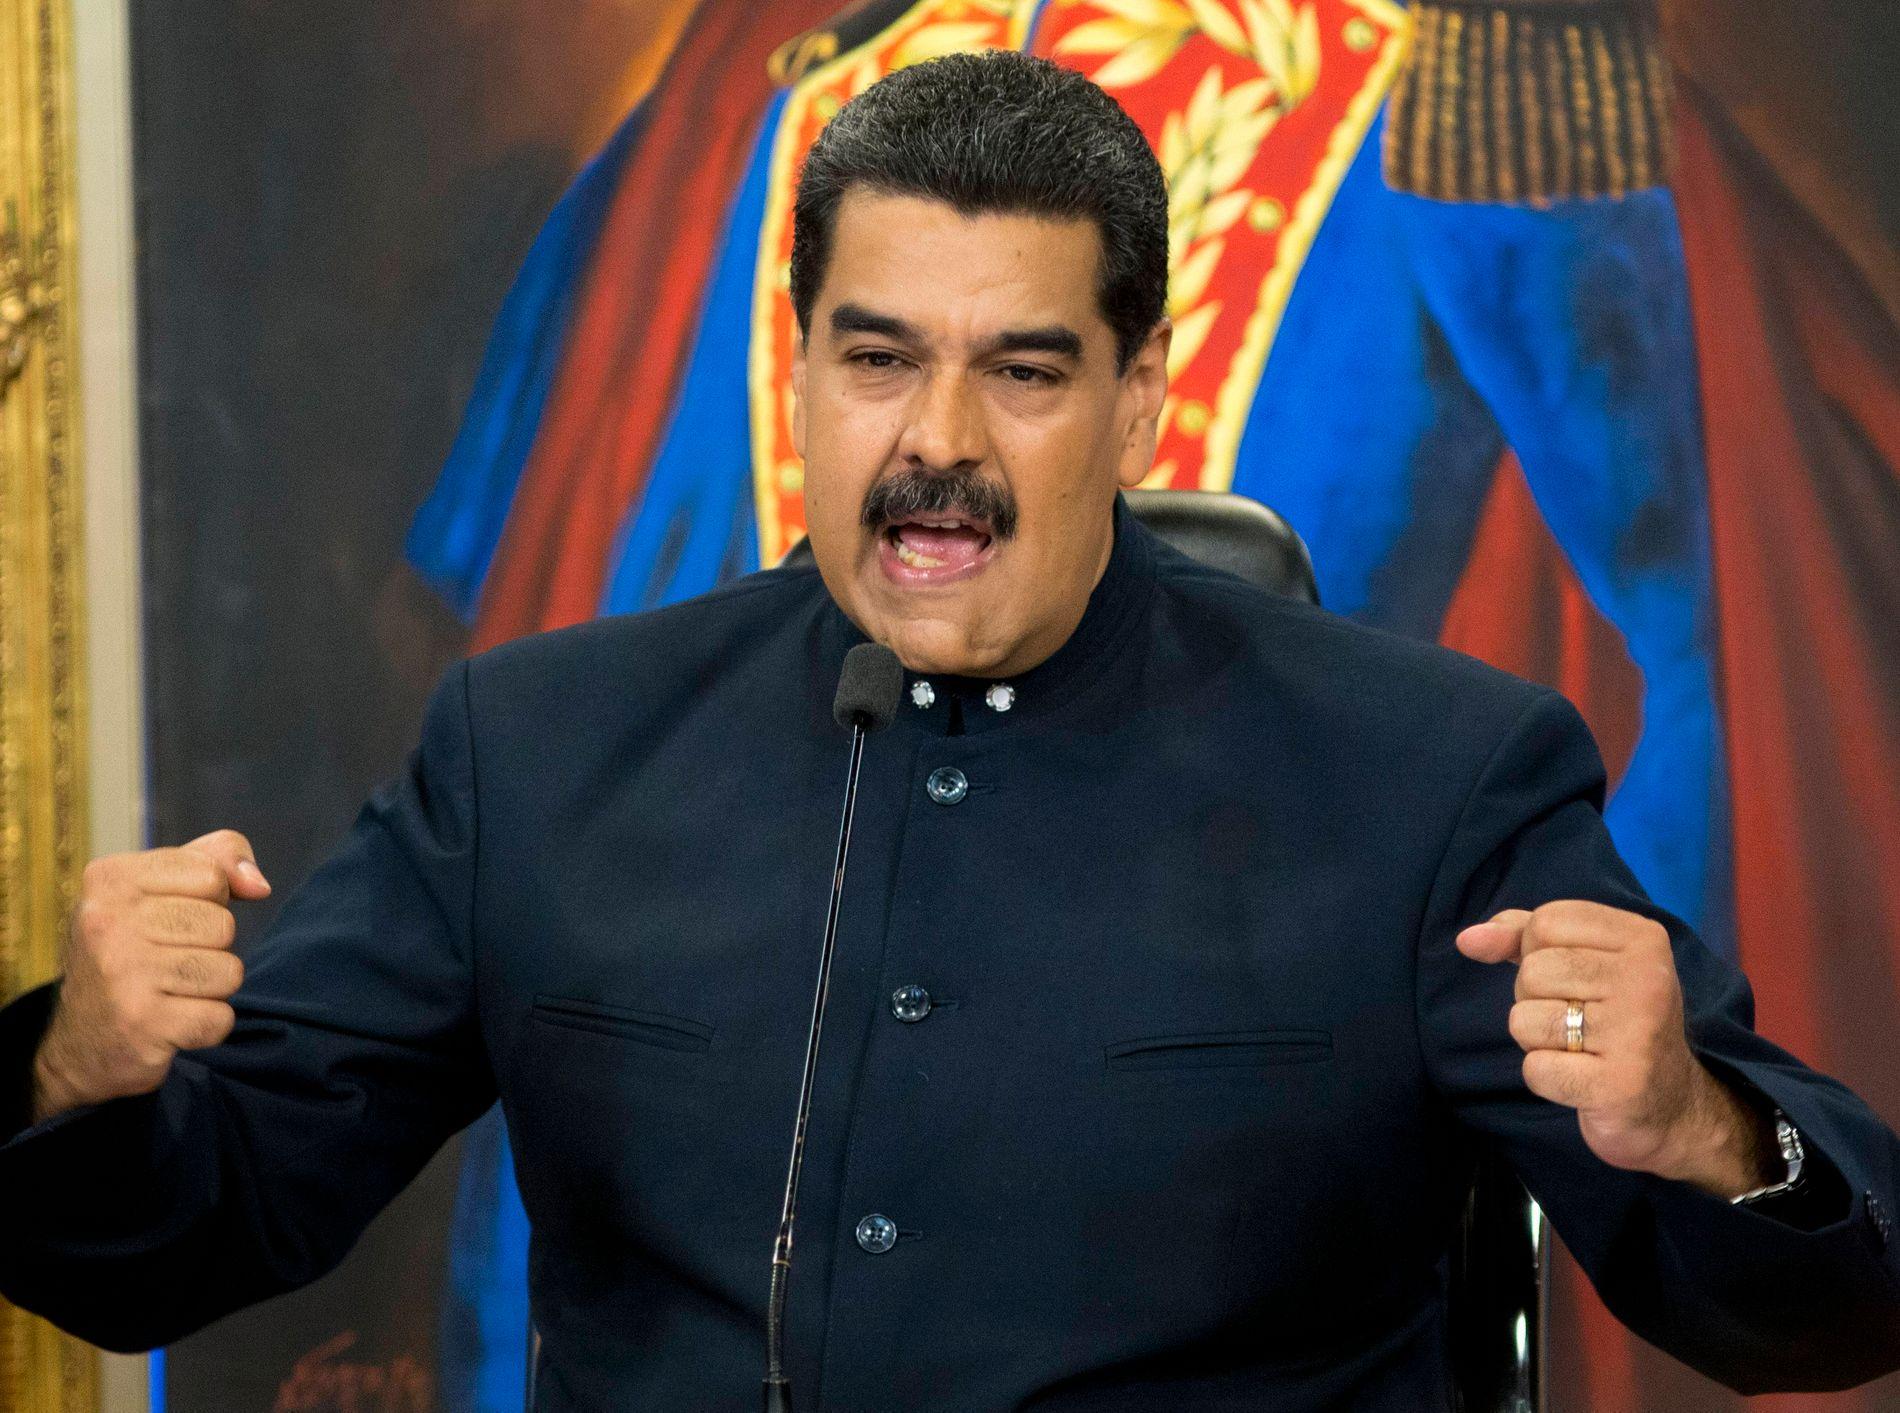 STYRKET: Nicolás Maduro har kommet styrket ut av det siste årets uro i Venezuela, mener innsenderen.